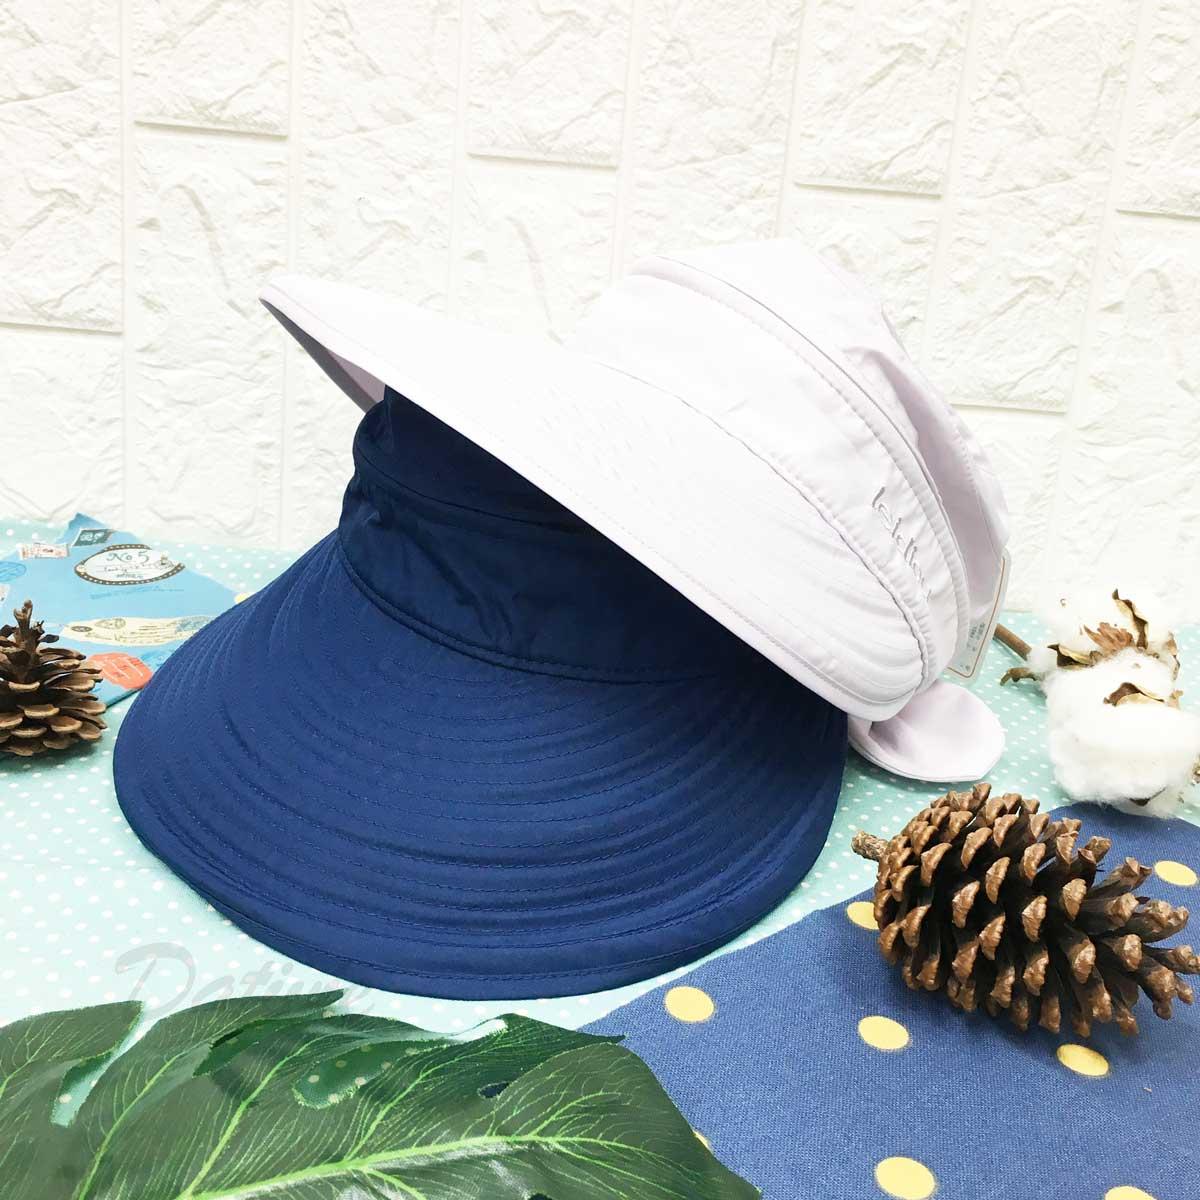 遮陽帽 英文字 拉鍊設計可拆 蝴蝶結造型 後面魔鬼氈可調鬆緊 帽子 空頂帽